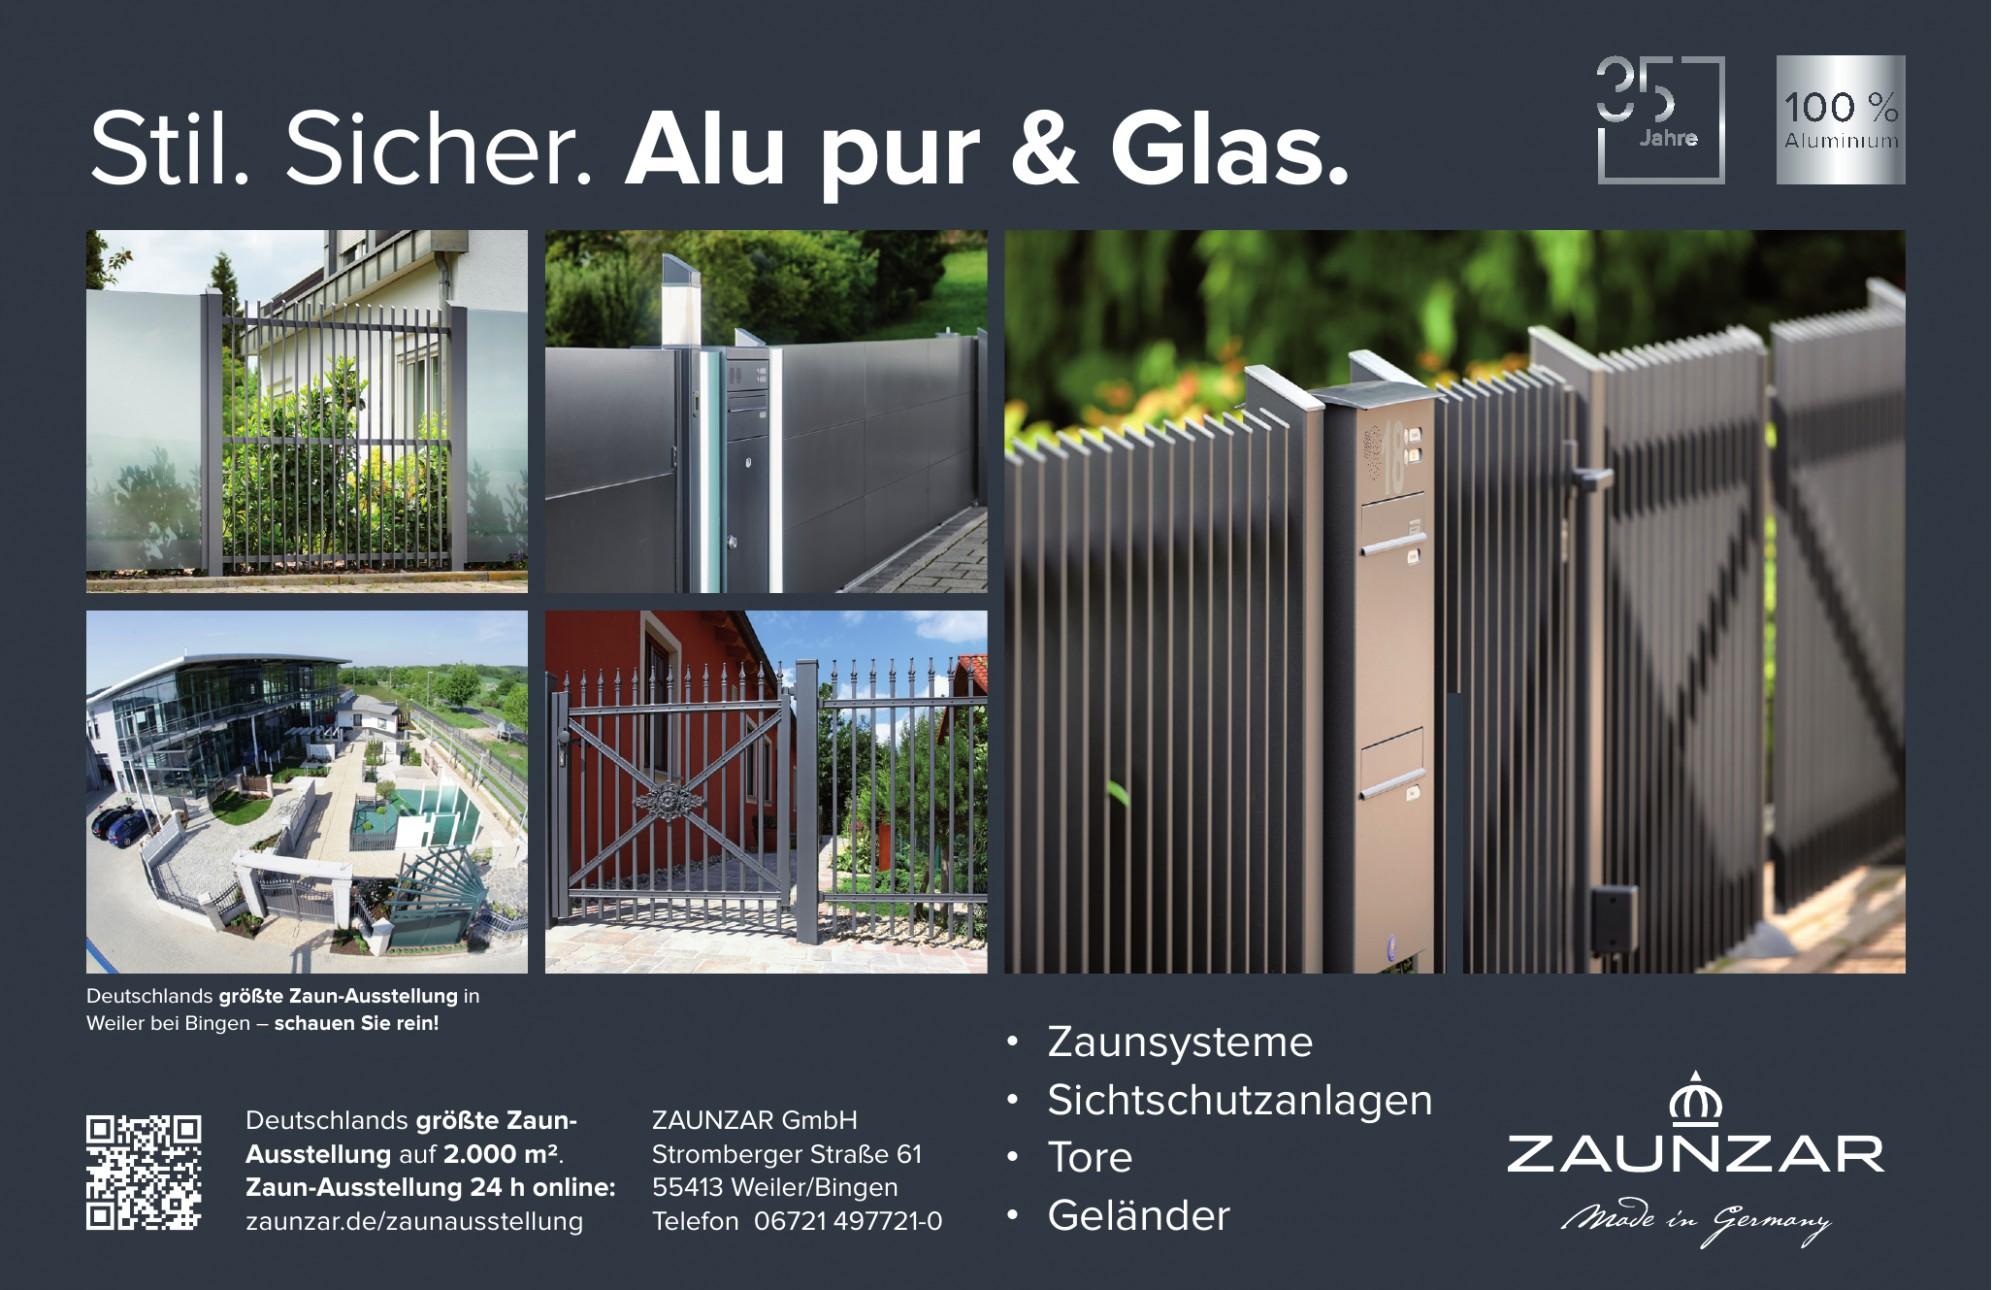 Zaunzar GmbH